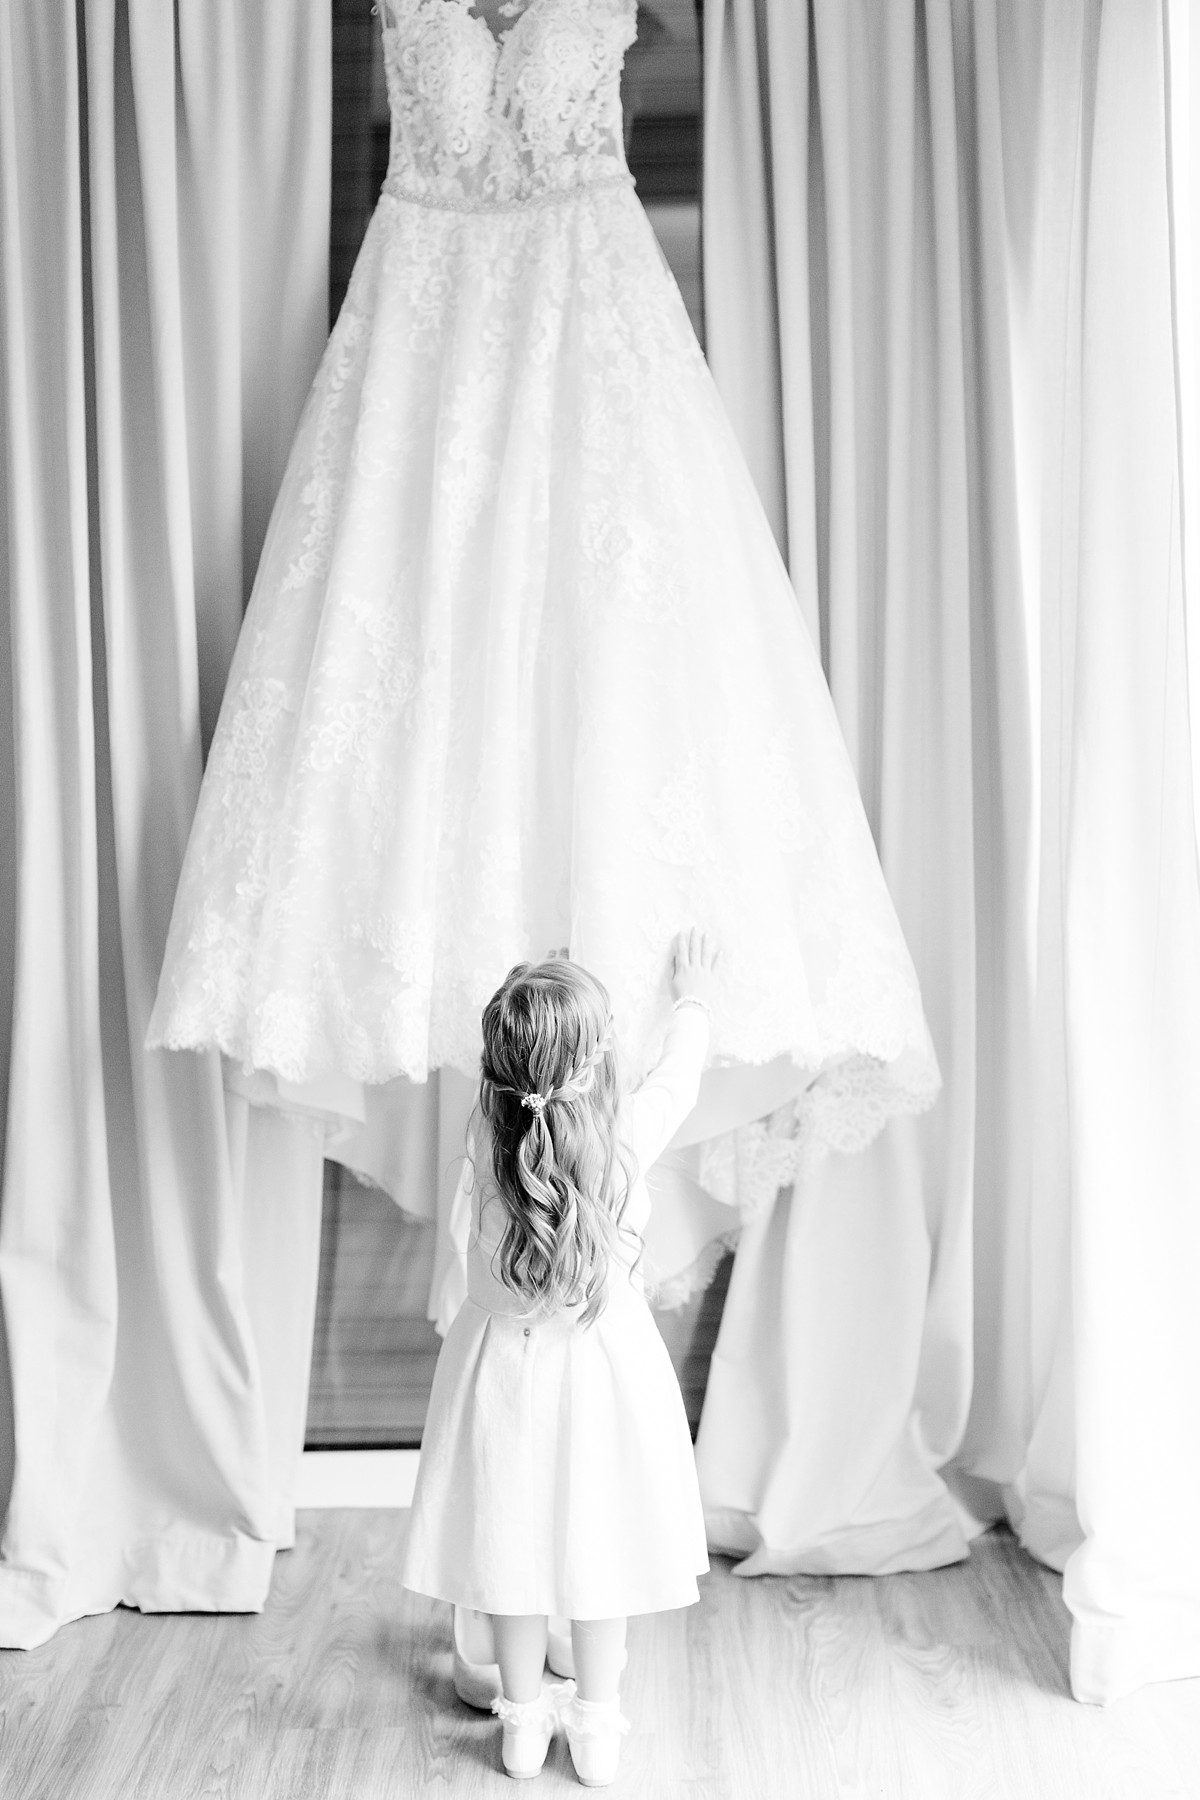 Hochzeitsfotograf-Herford-van-Laer-Fotograf-Hochzeit-Nrw_0008